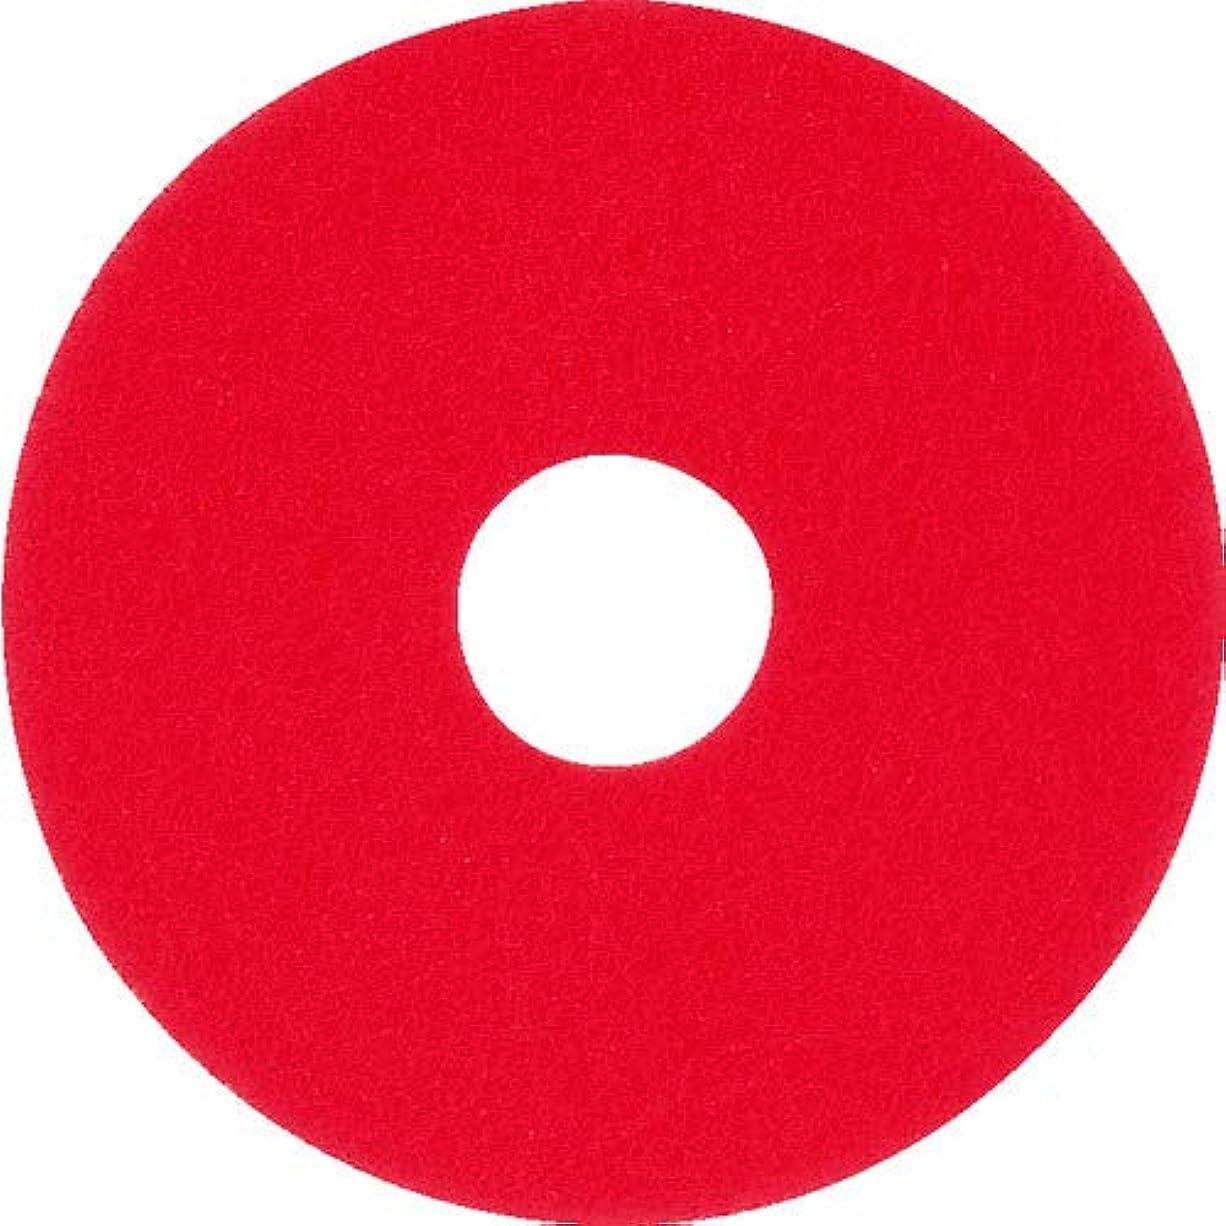 私たちカリキュラム実質的アマノ フロアパッド17 赤 HAL700800 【5枚入】